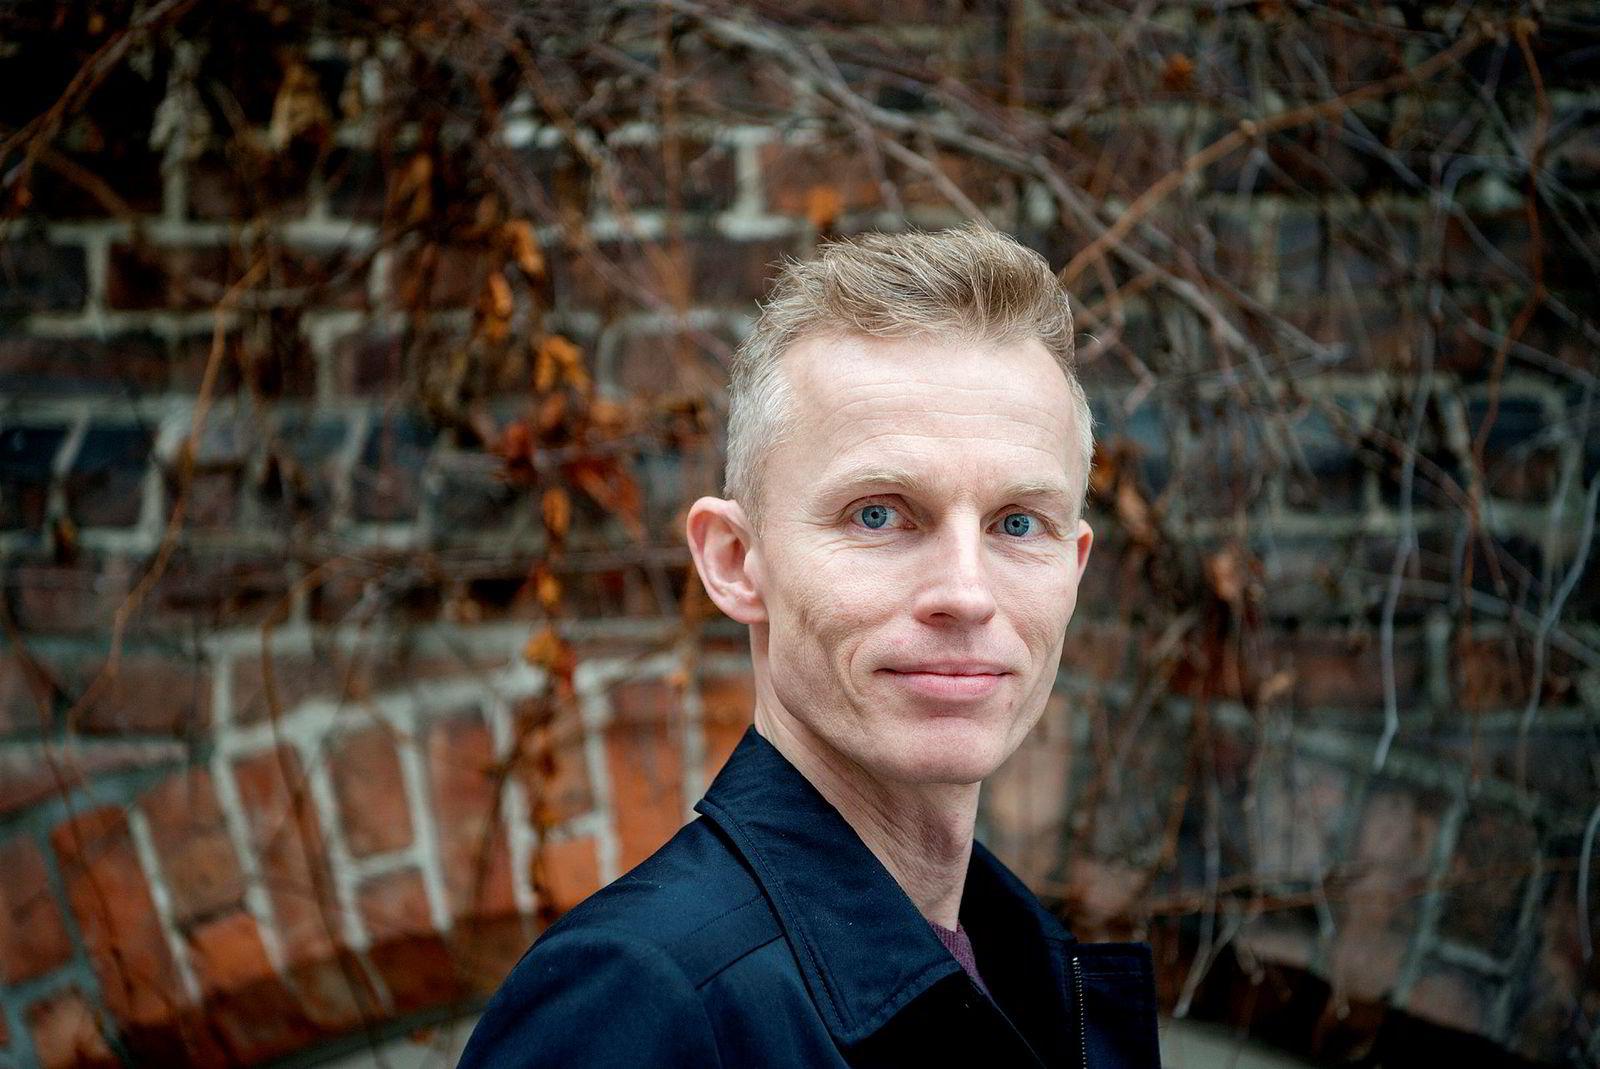 Sjeføkonom Andreas Benedictow i Samfunnsøkonomisk Analyse